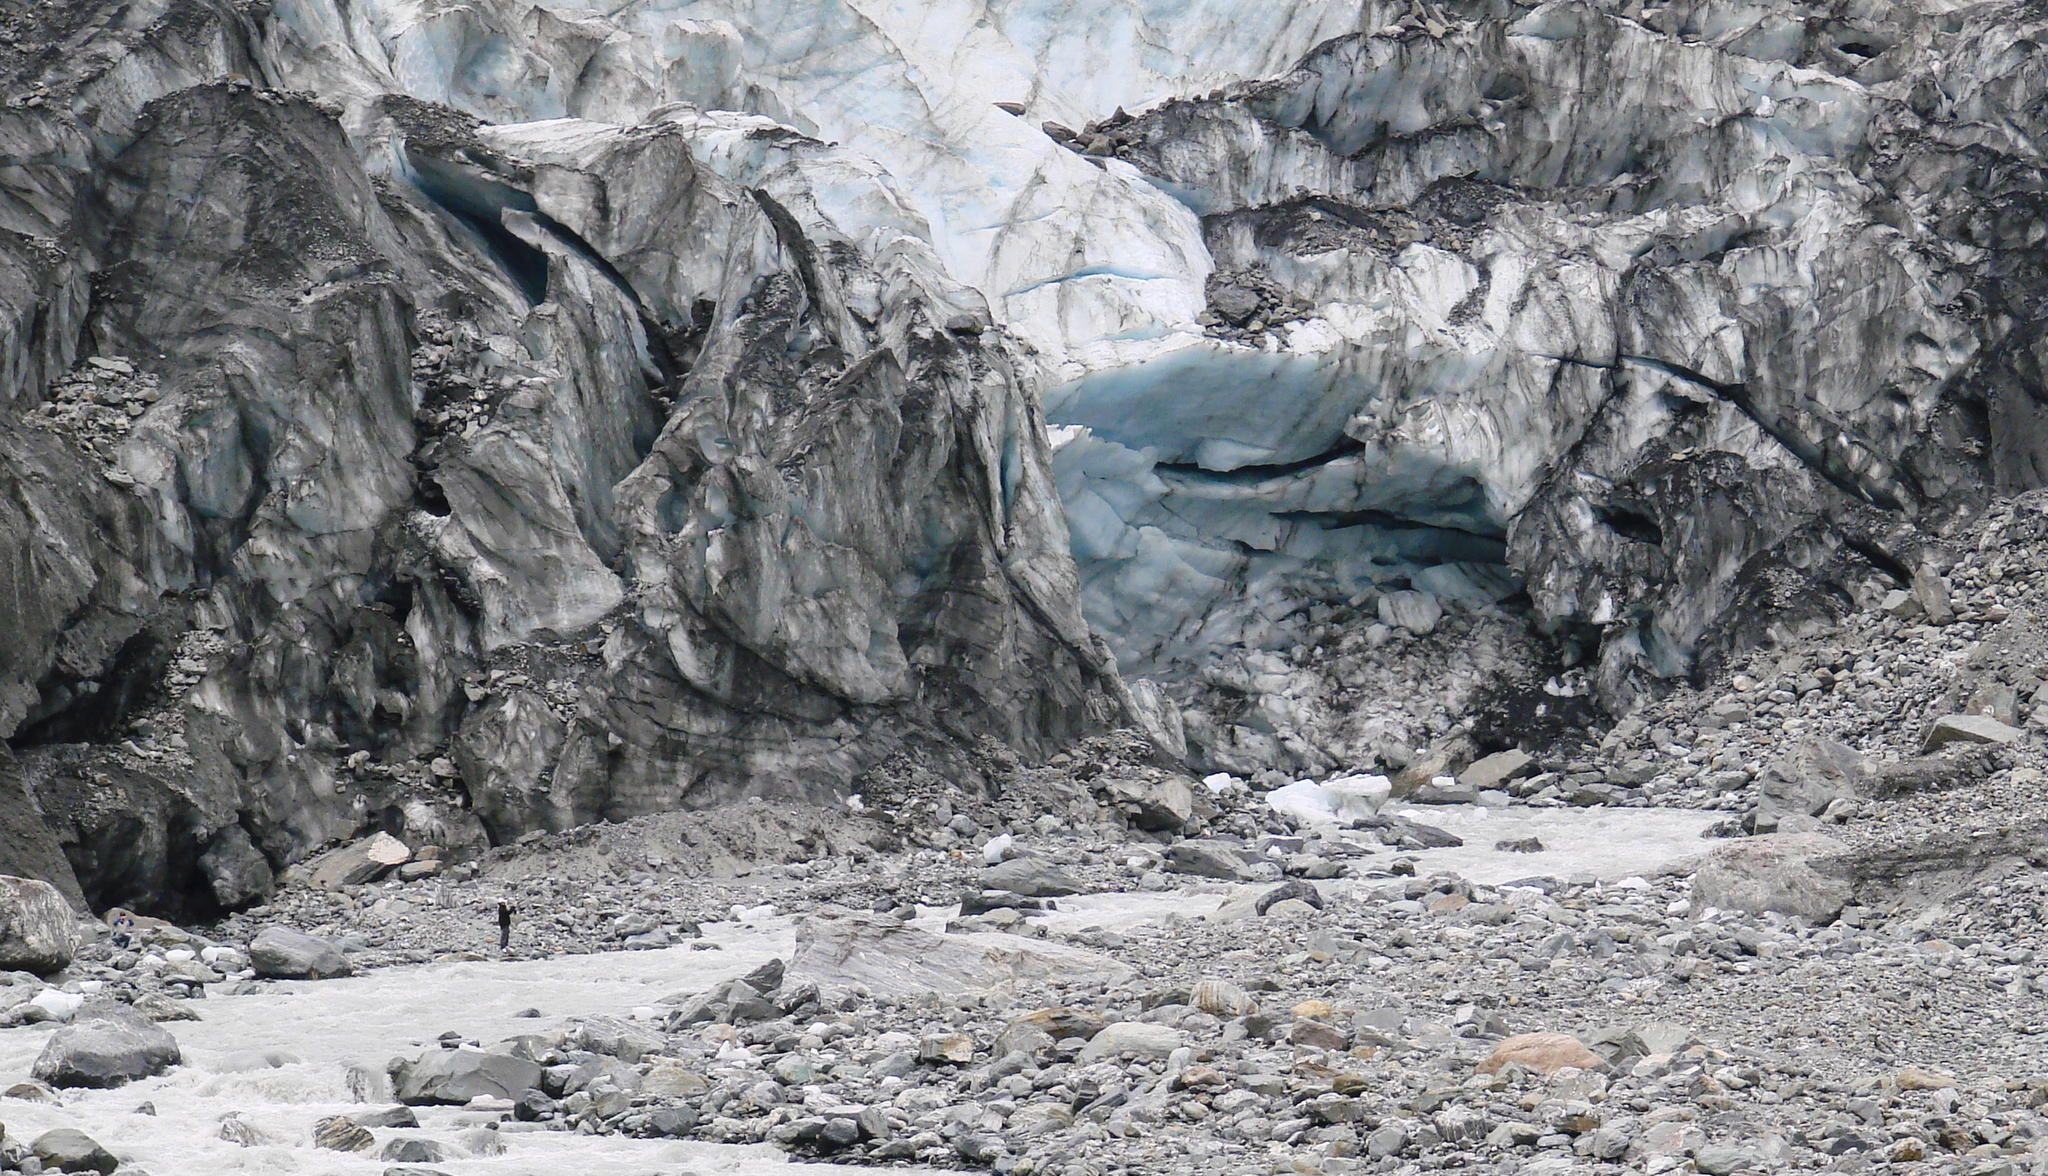 Fox Glacier by Carsten Ruthemann on 500px